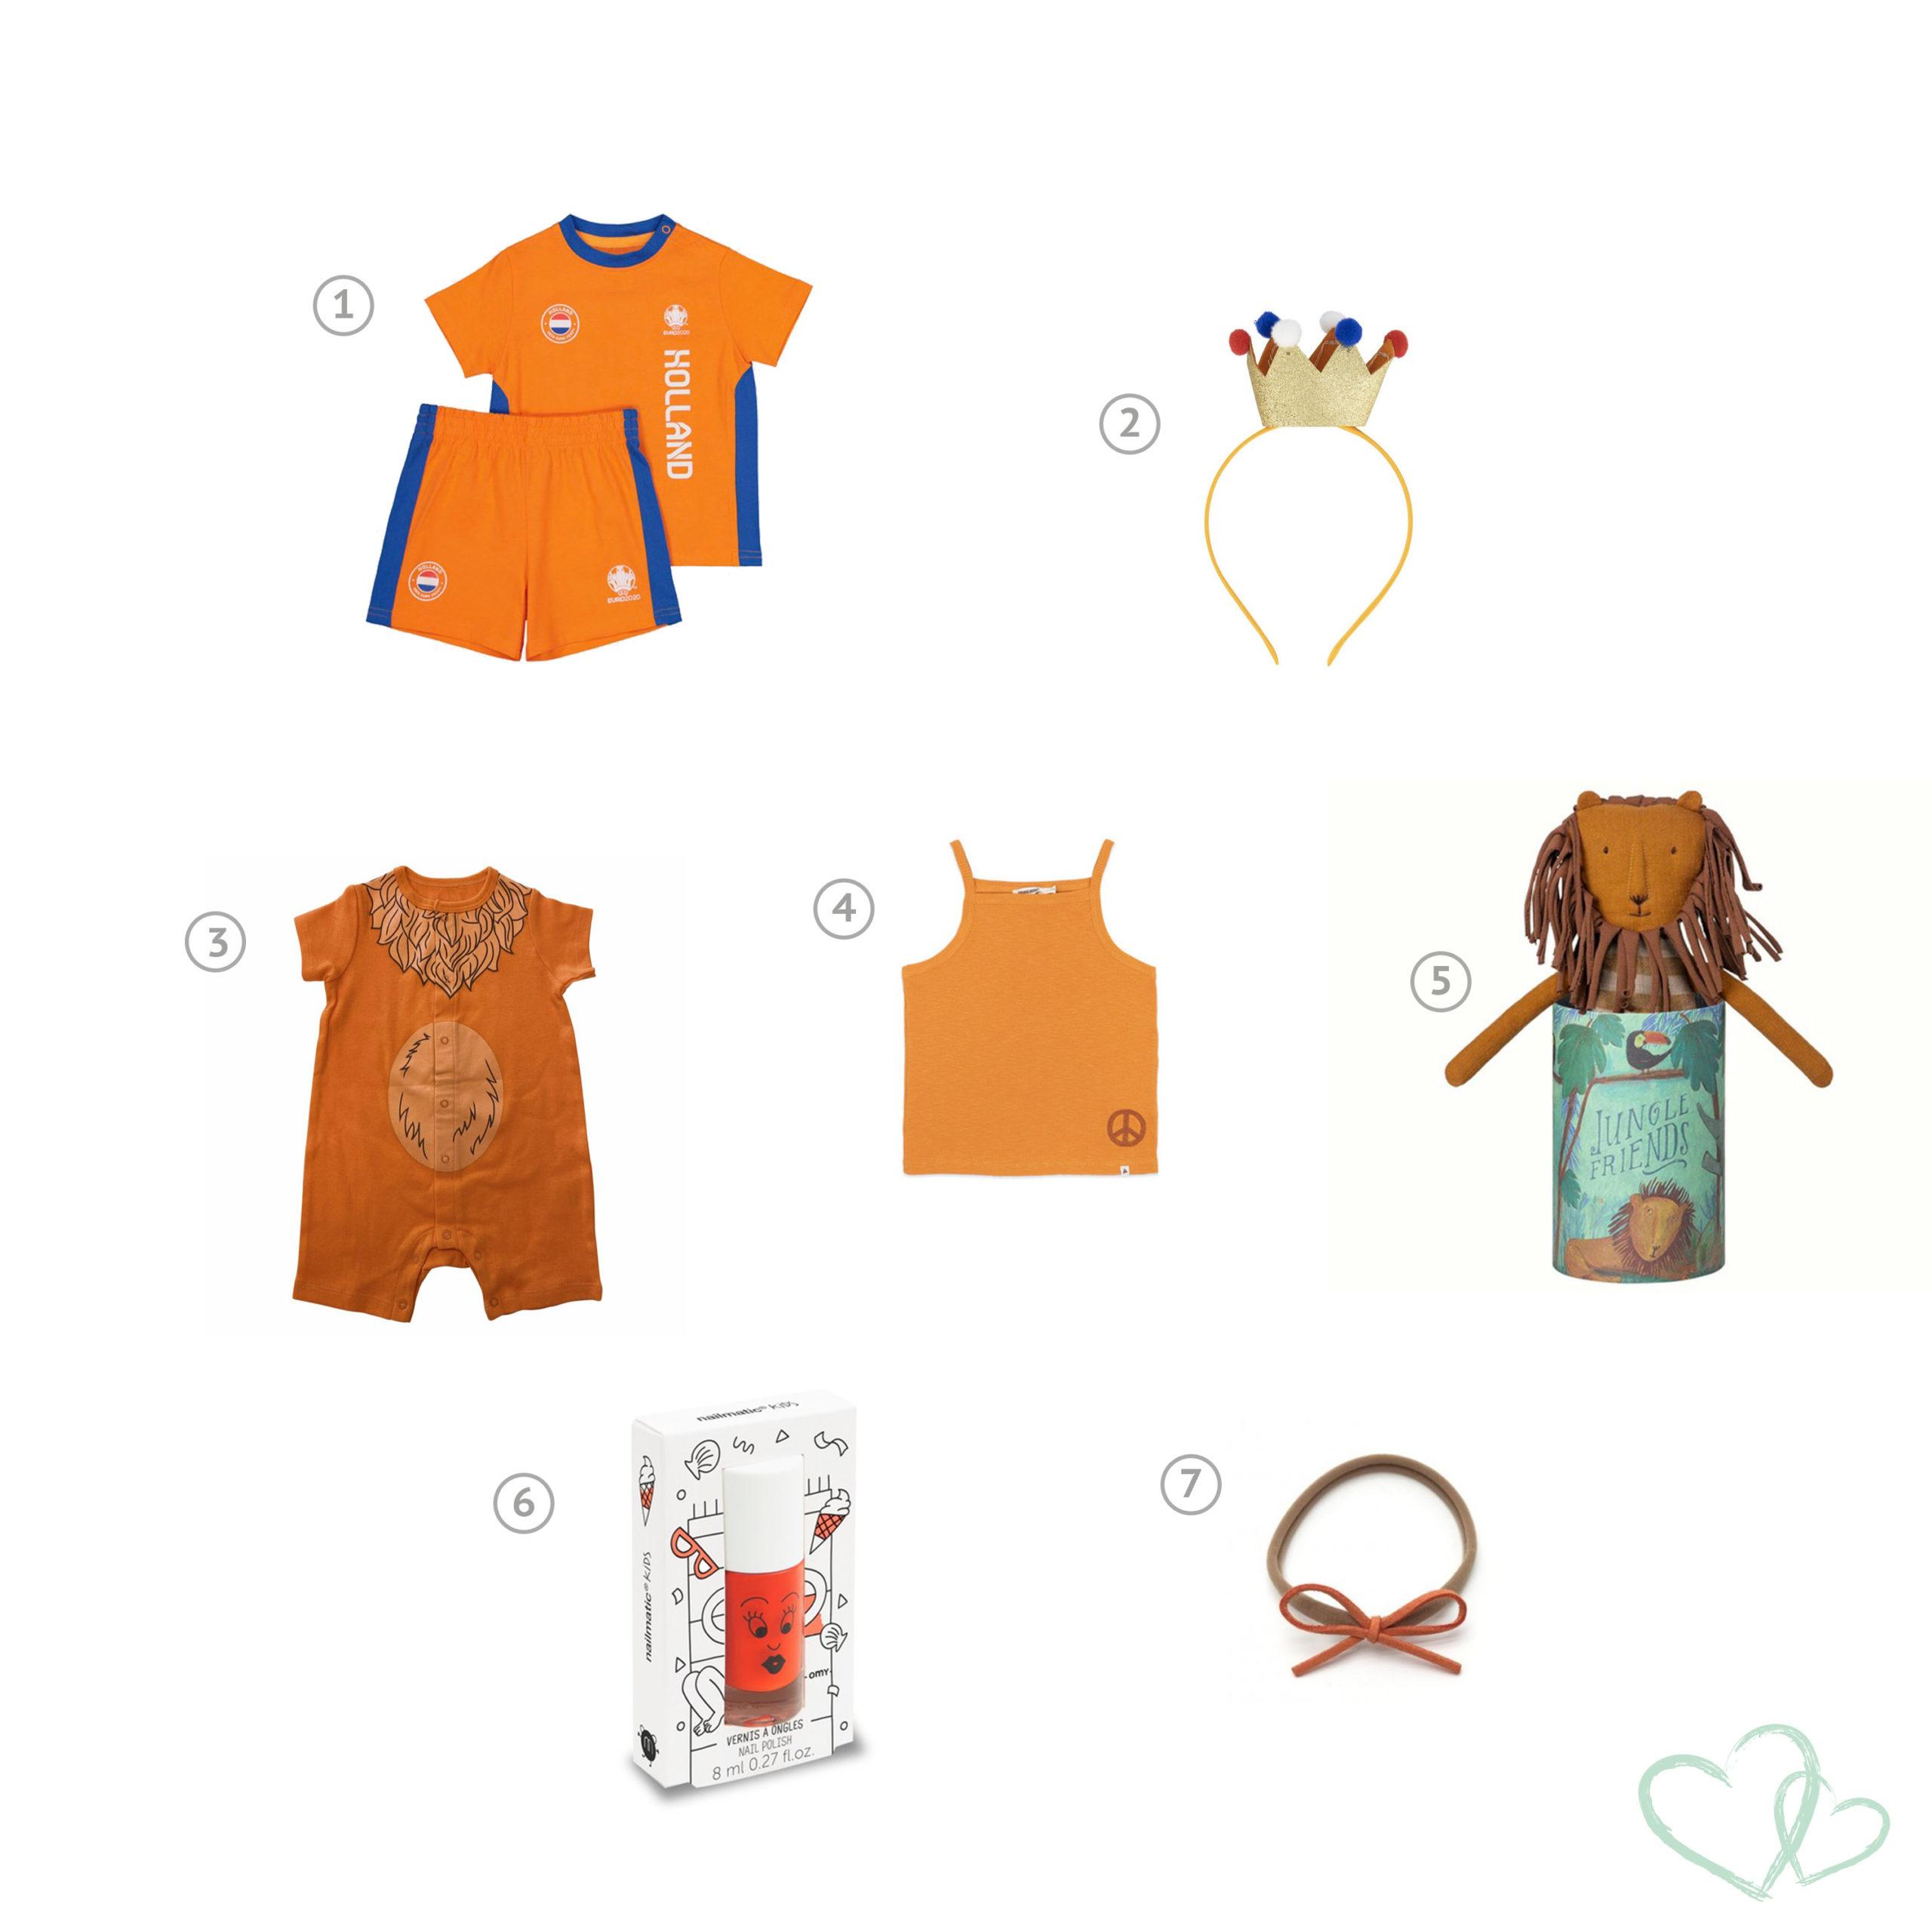 Ek 2020 | De leukste oranje spullen voor kinderen bij Kinderfavorites